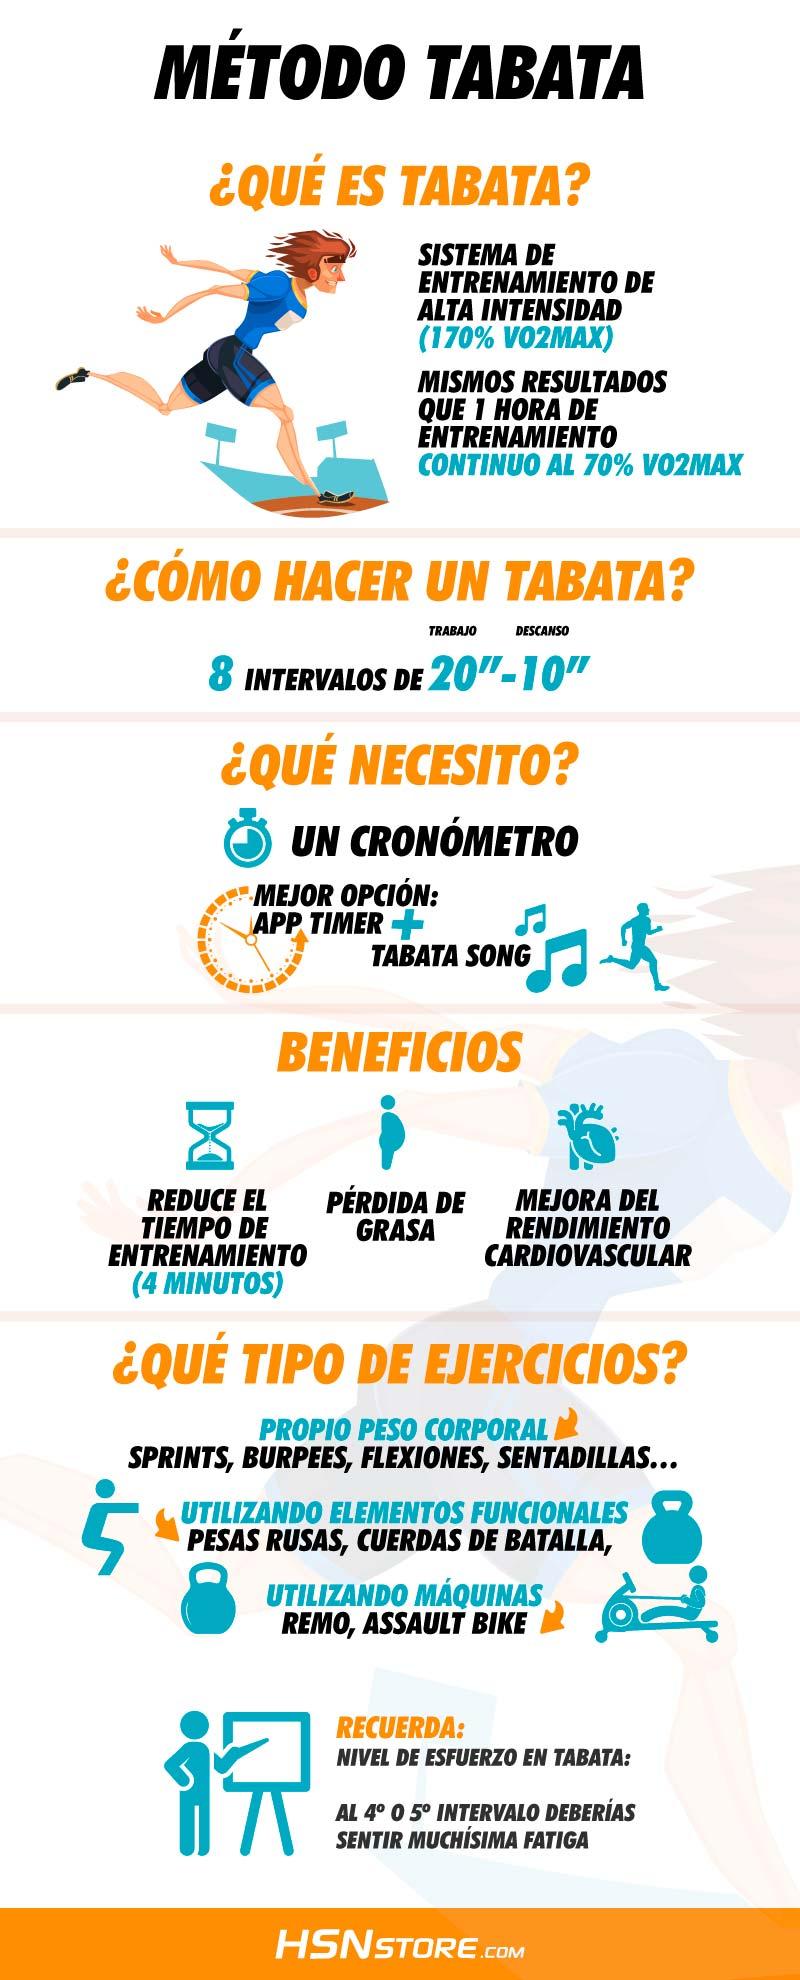 Circuito Quemagrasas : Método tabata: quema grasa en 4 minutos